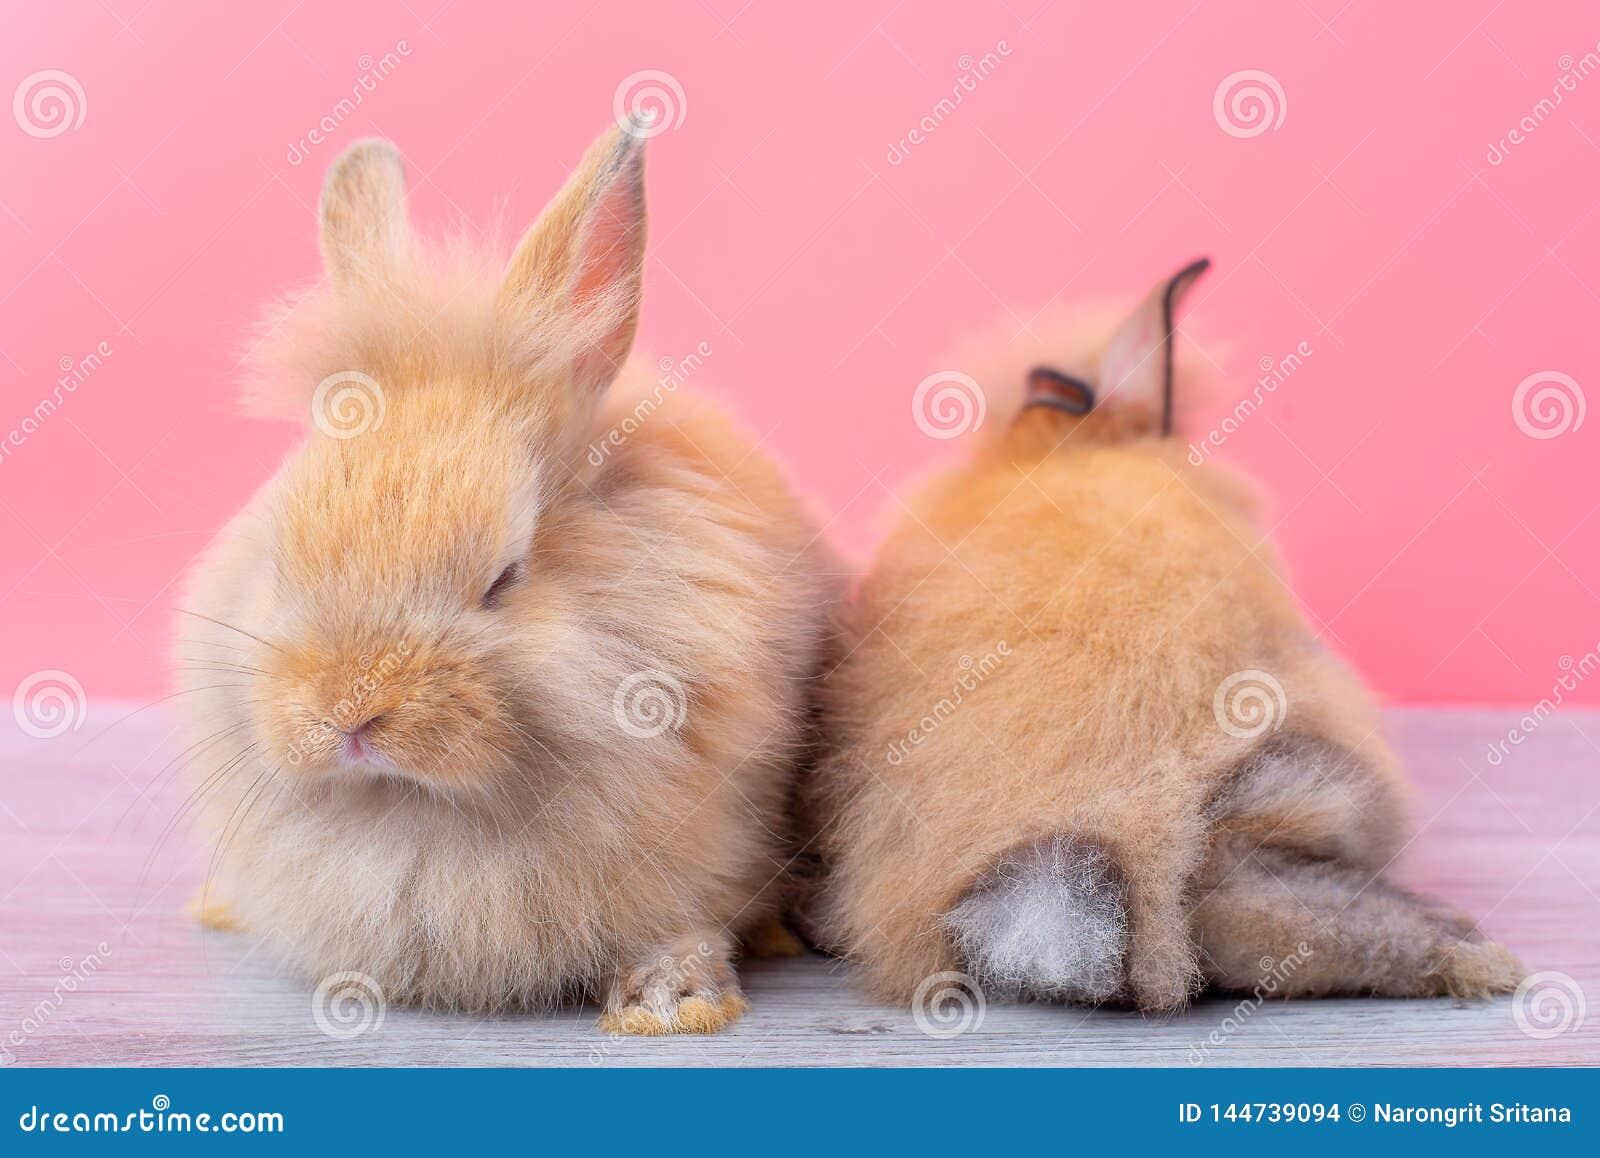 Verblijf van paar slaapt het kleine lichtbruine konijnen op grijze houten lijst en roze achtergrond met en de andere showrug van